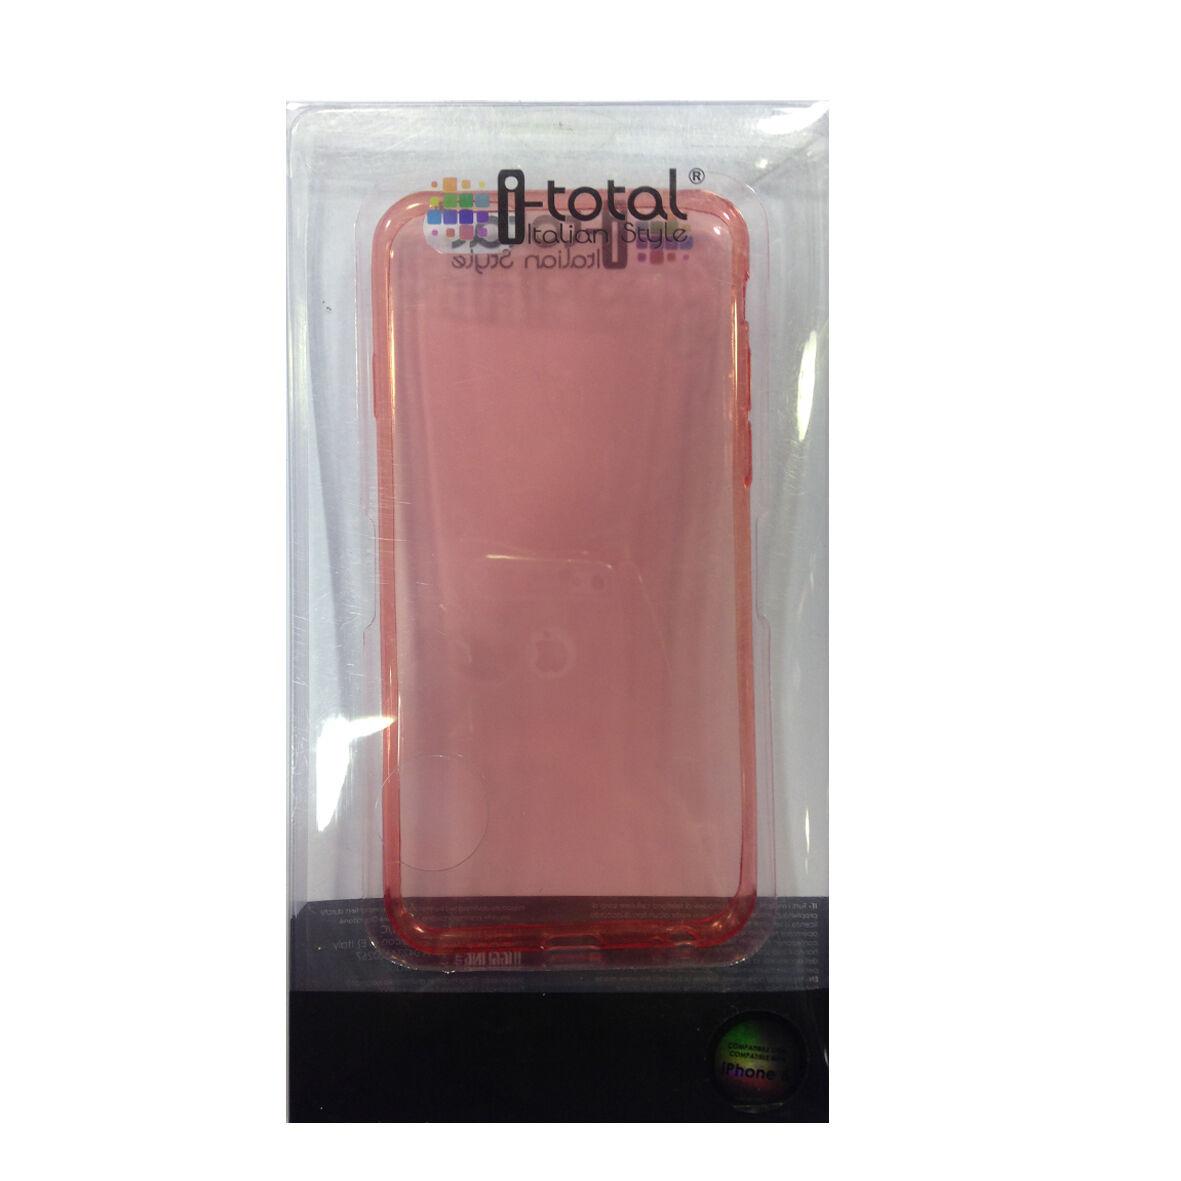 COVER mascherina iphone 6 trasparente rossa in silicone TPU I-TOTAL